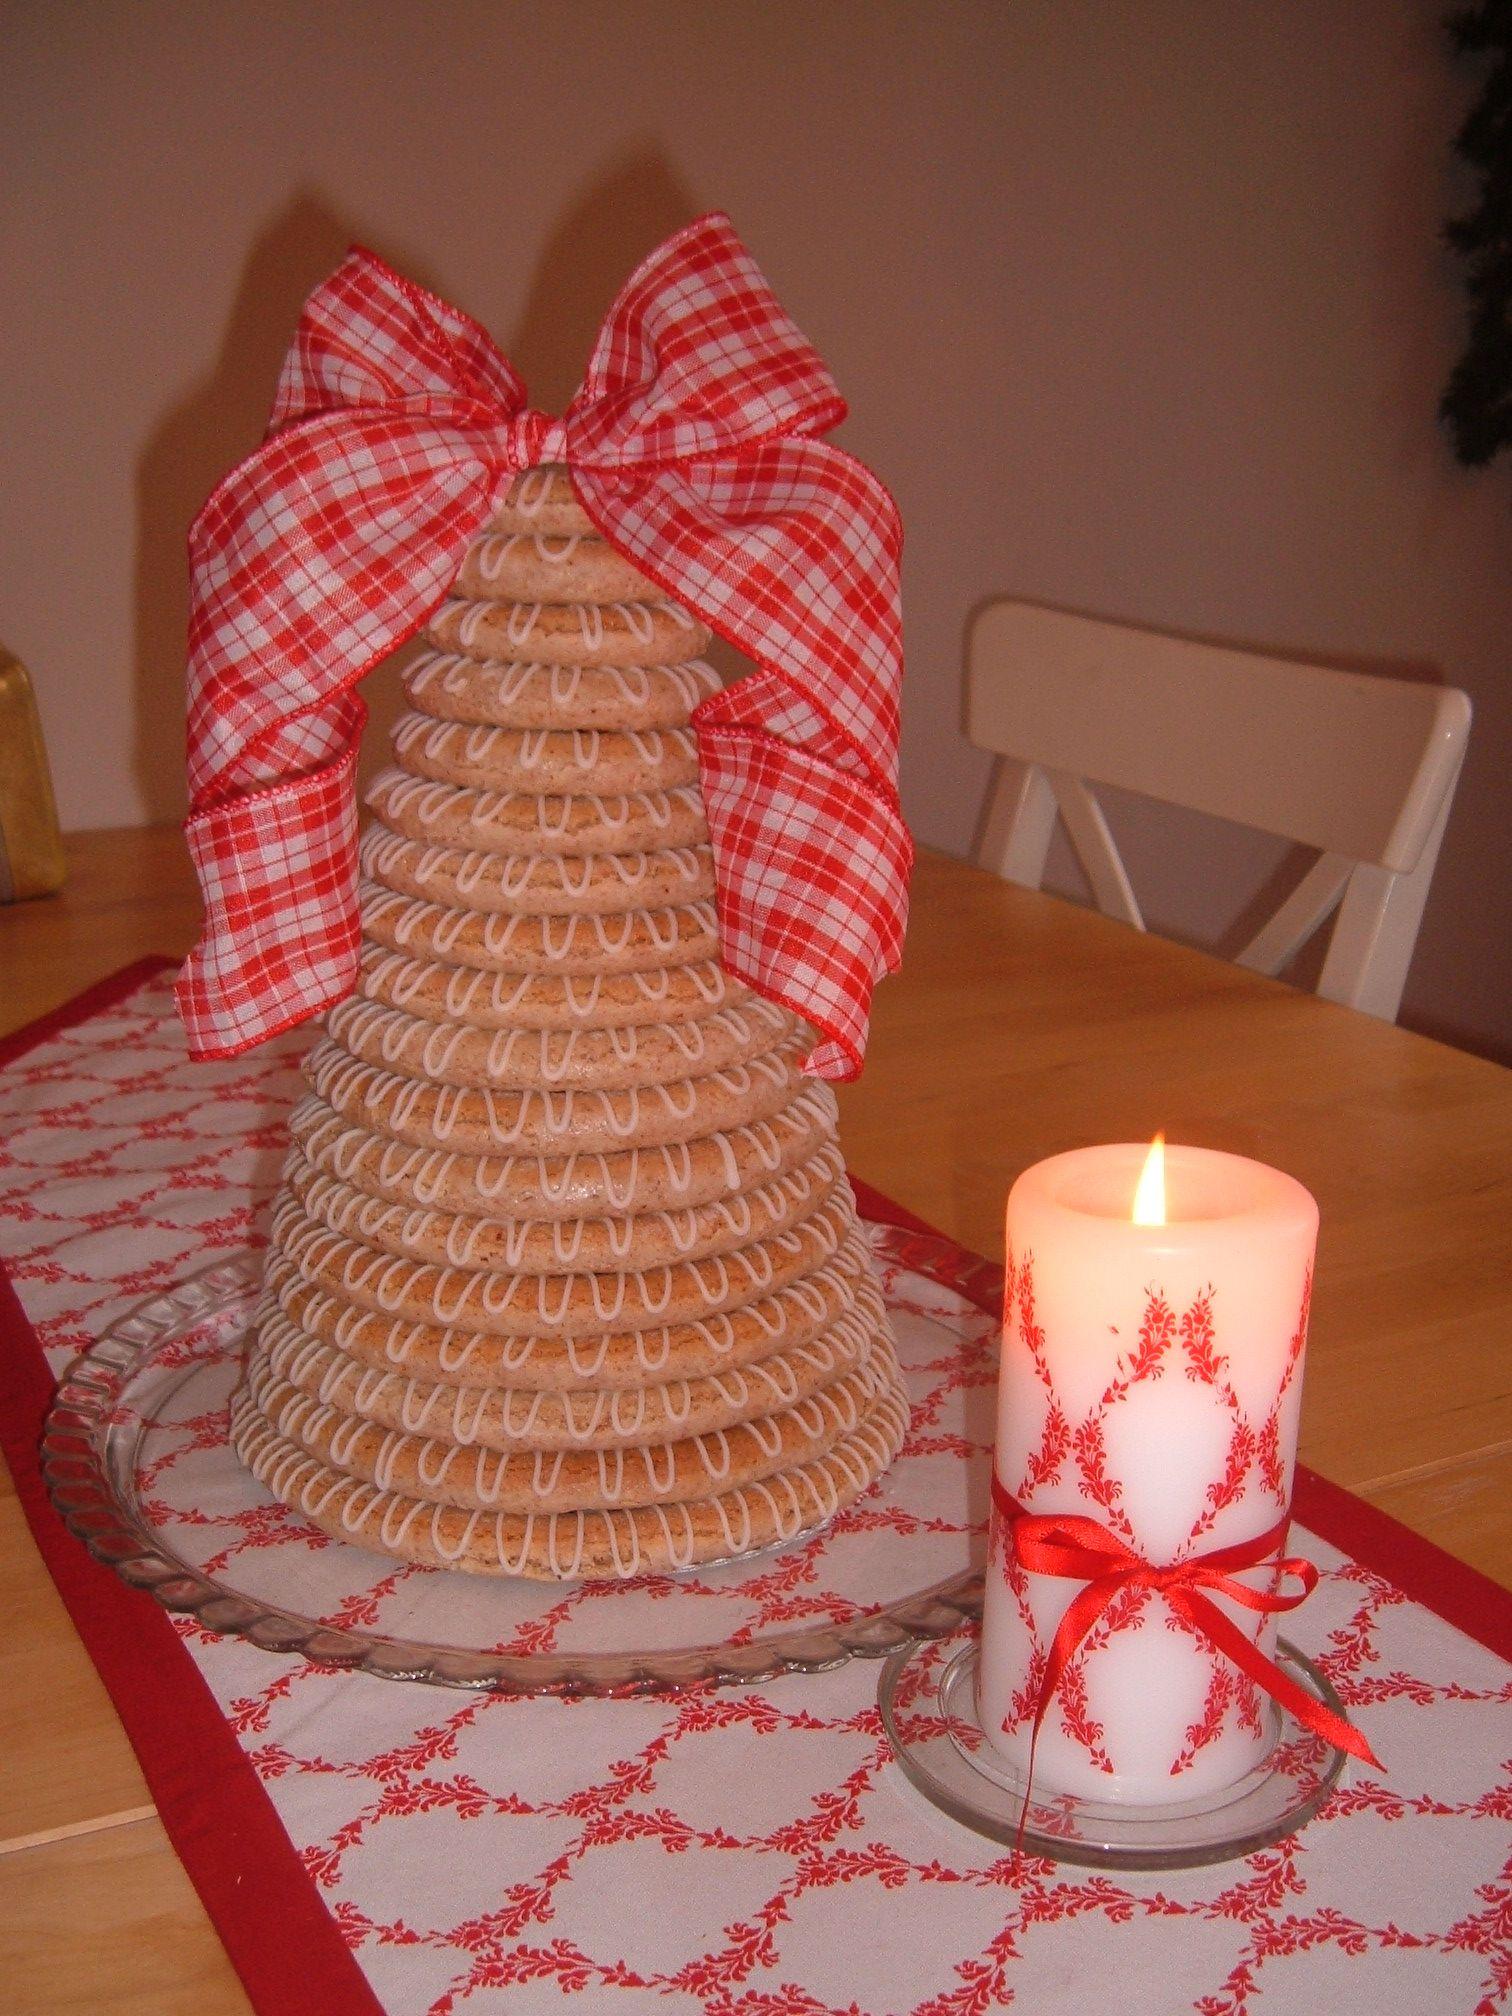 Norwegian Christmas cake - Kransekake | Kransekake, sweet Kransekake ...